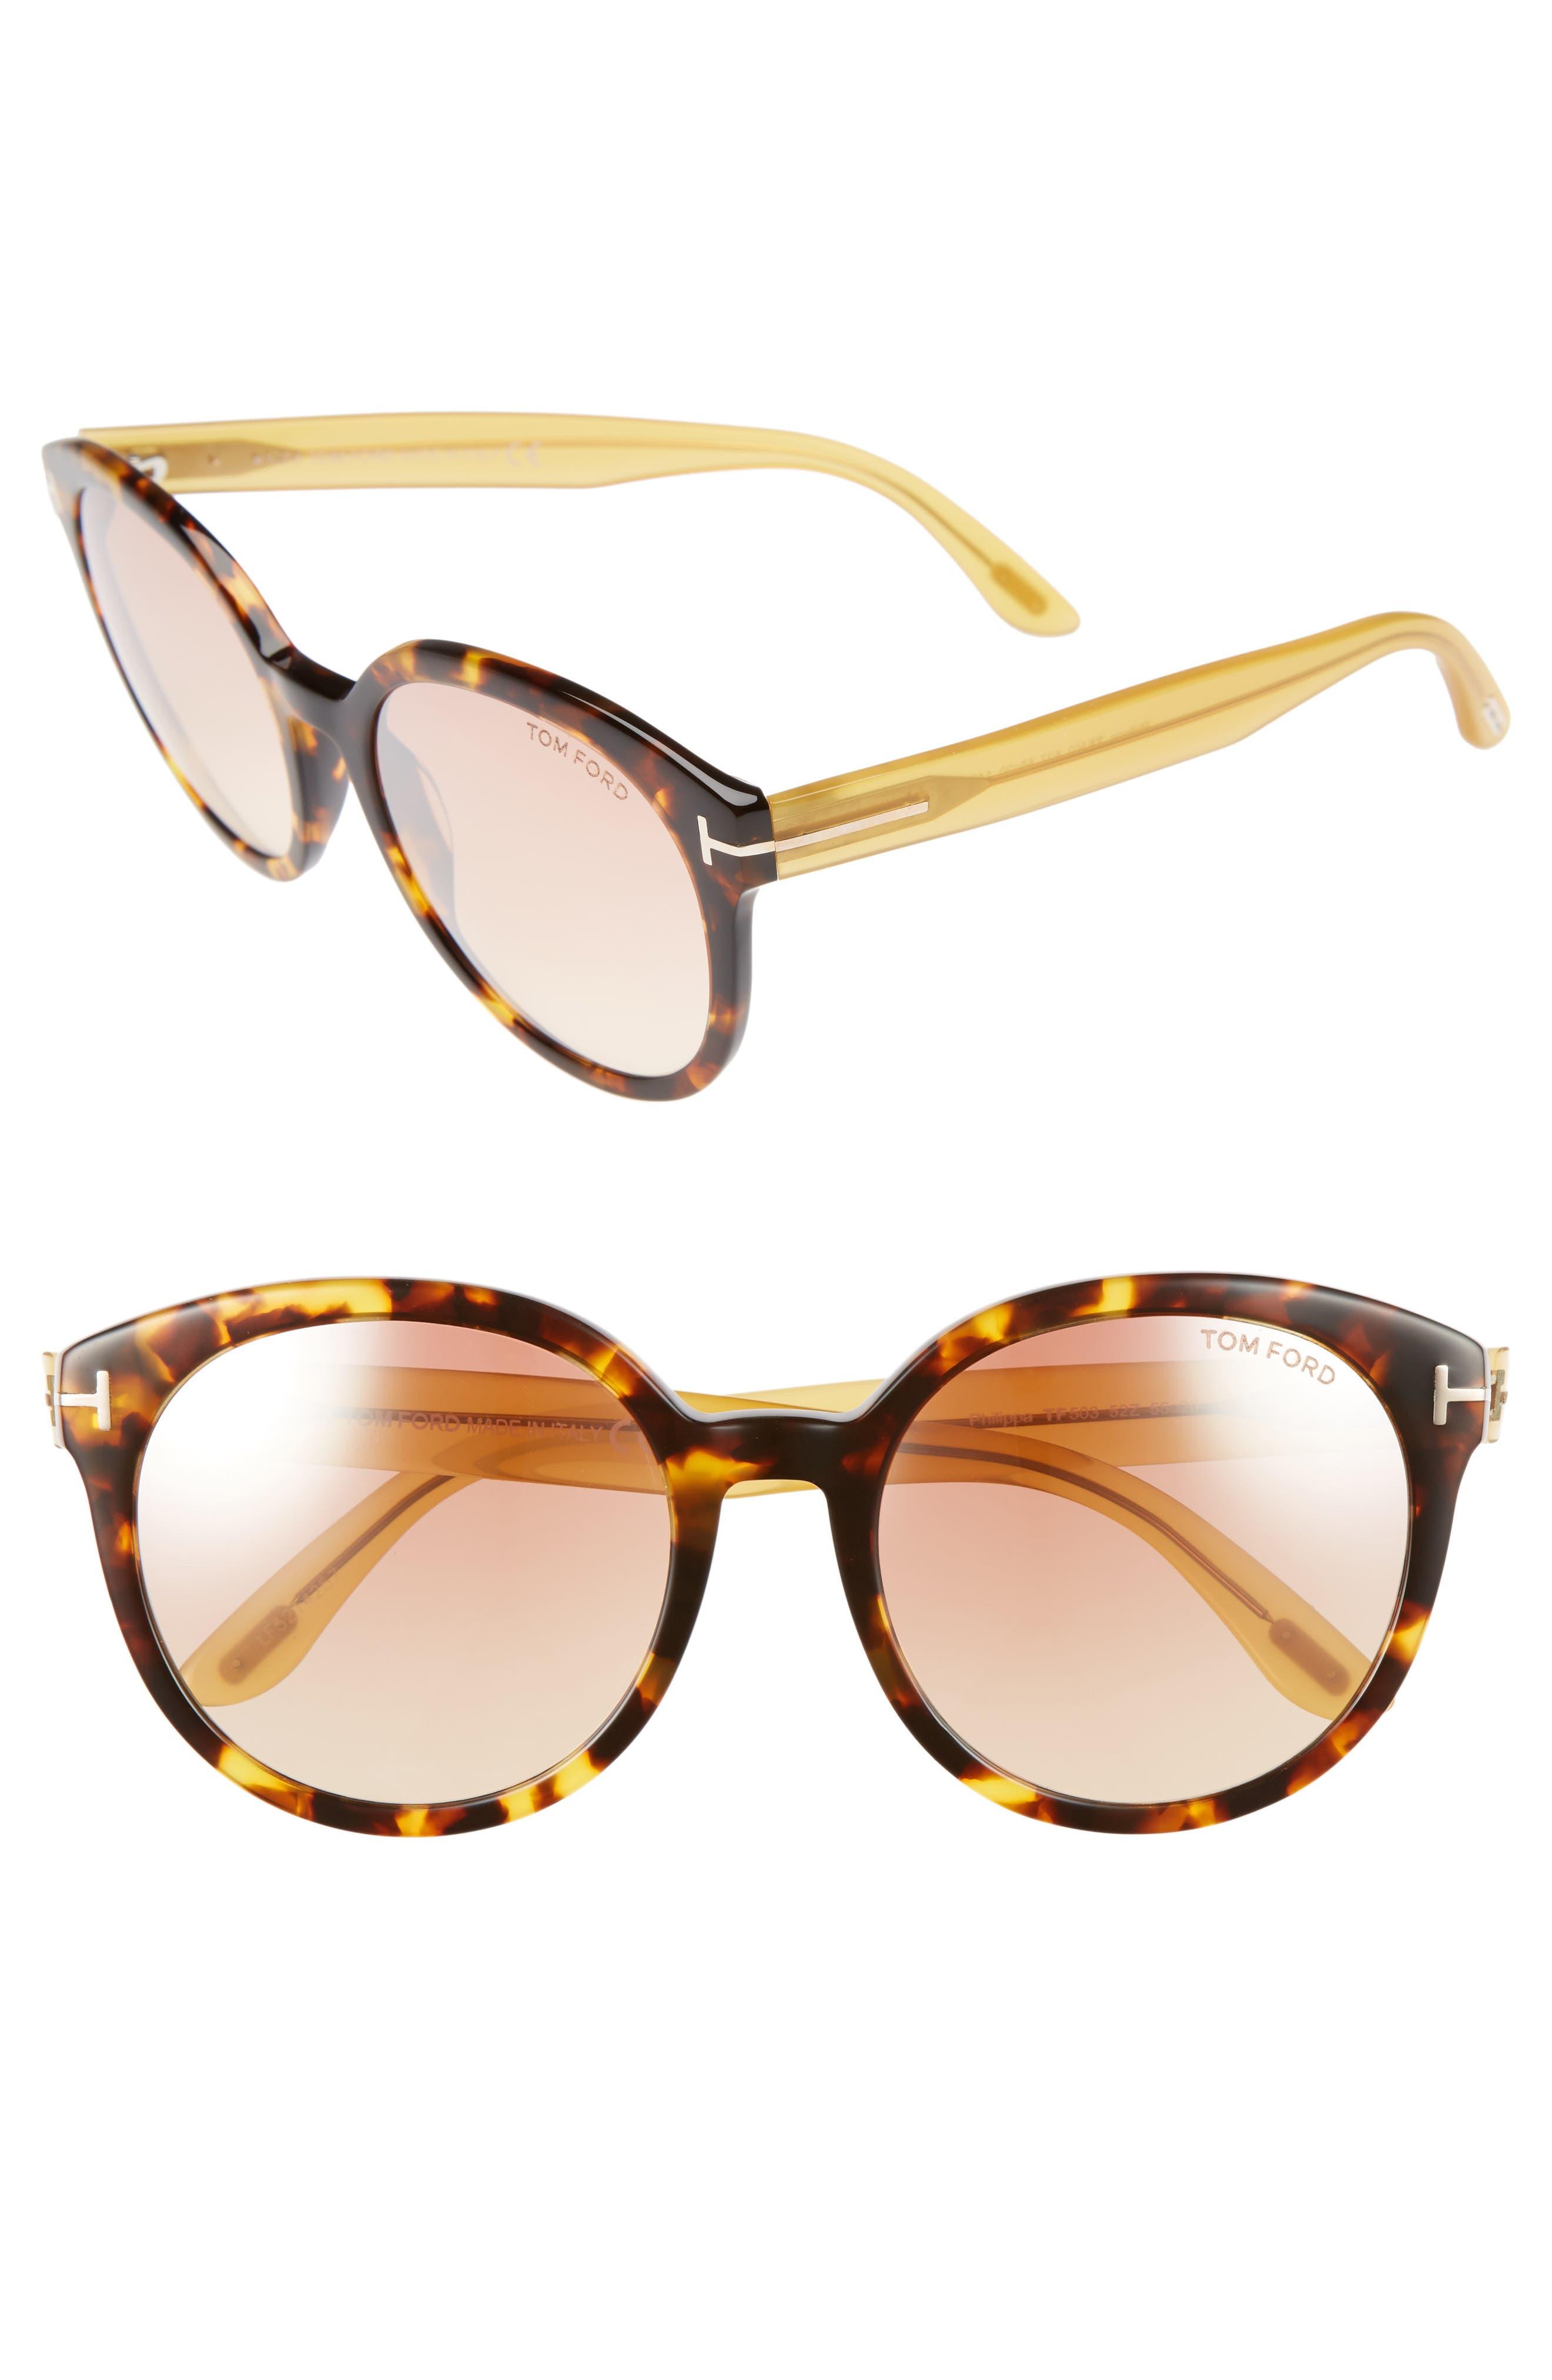 Philippa 55mm Gradient Round Aviator Sunglasses,                         Main,                         color, Havana/ Honey/ Strawberry Pink